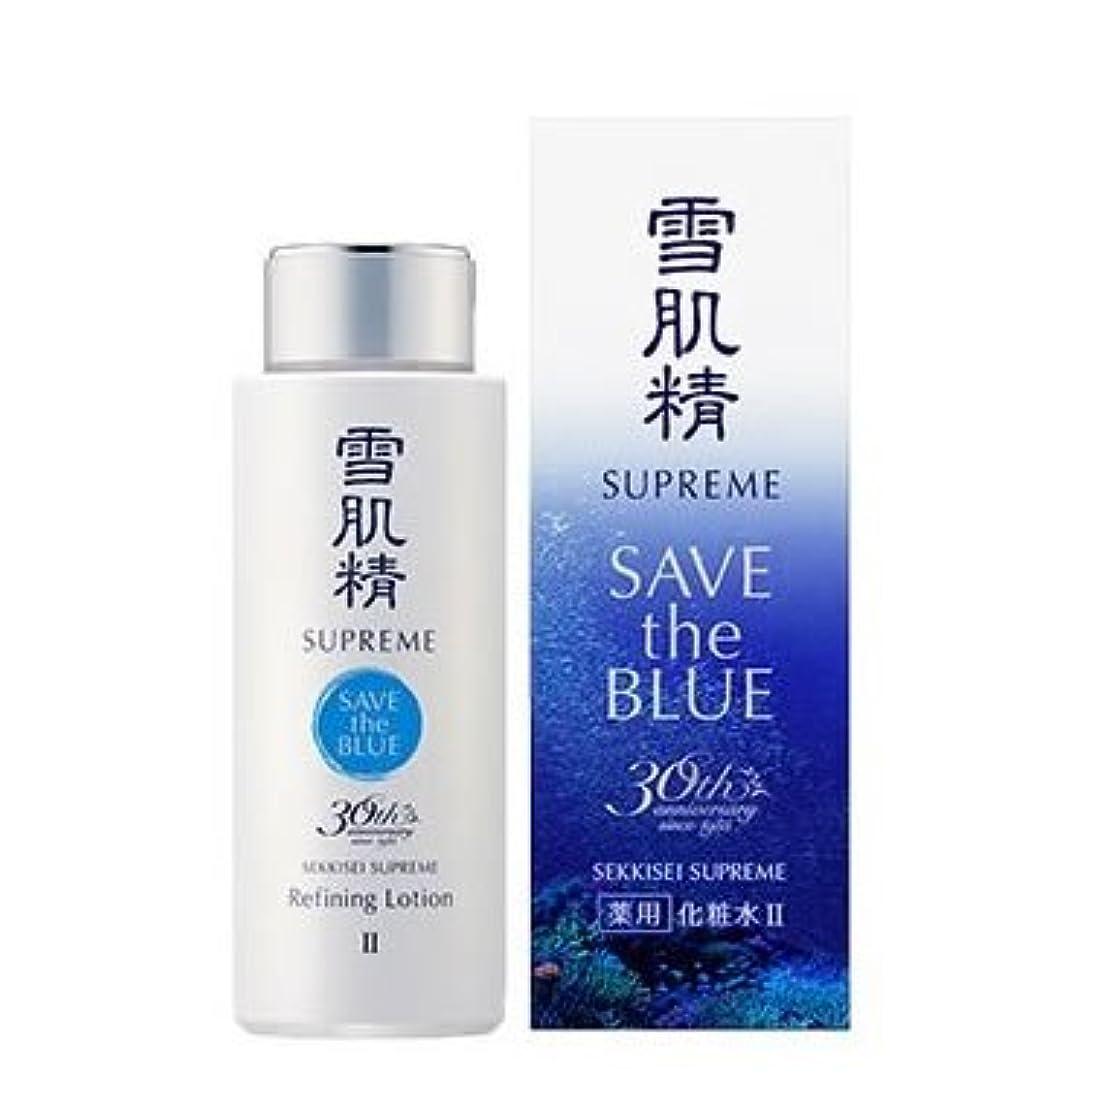 メタリック廊下あたたかいコーセー 雪肌精シュープレム 化粧水 II 400ml 限定ボトル SAVE the BLUE 30th Anniversary [並行輸入品]